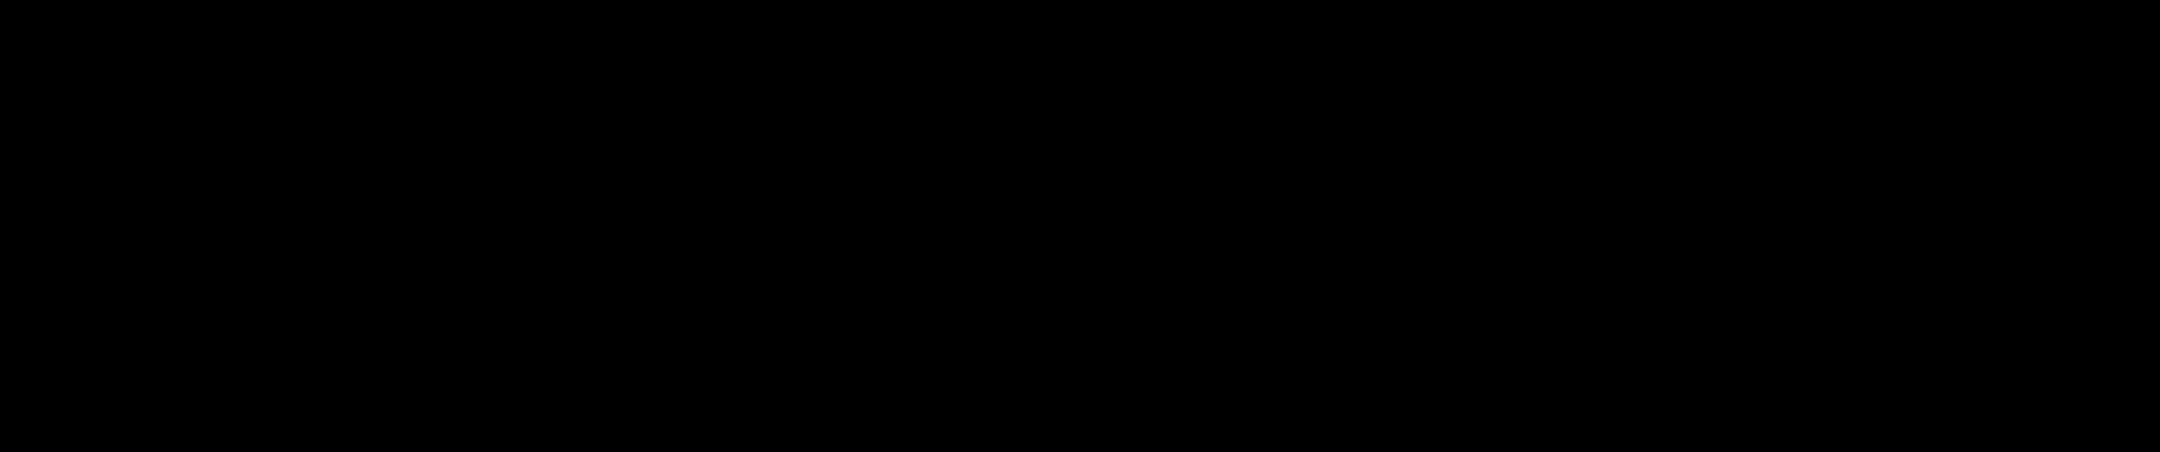 zattini logo 1 - Zattini Logo